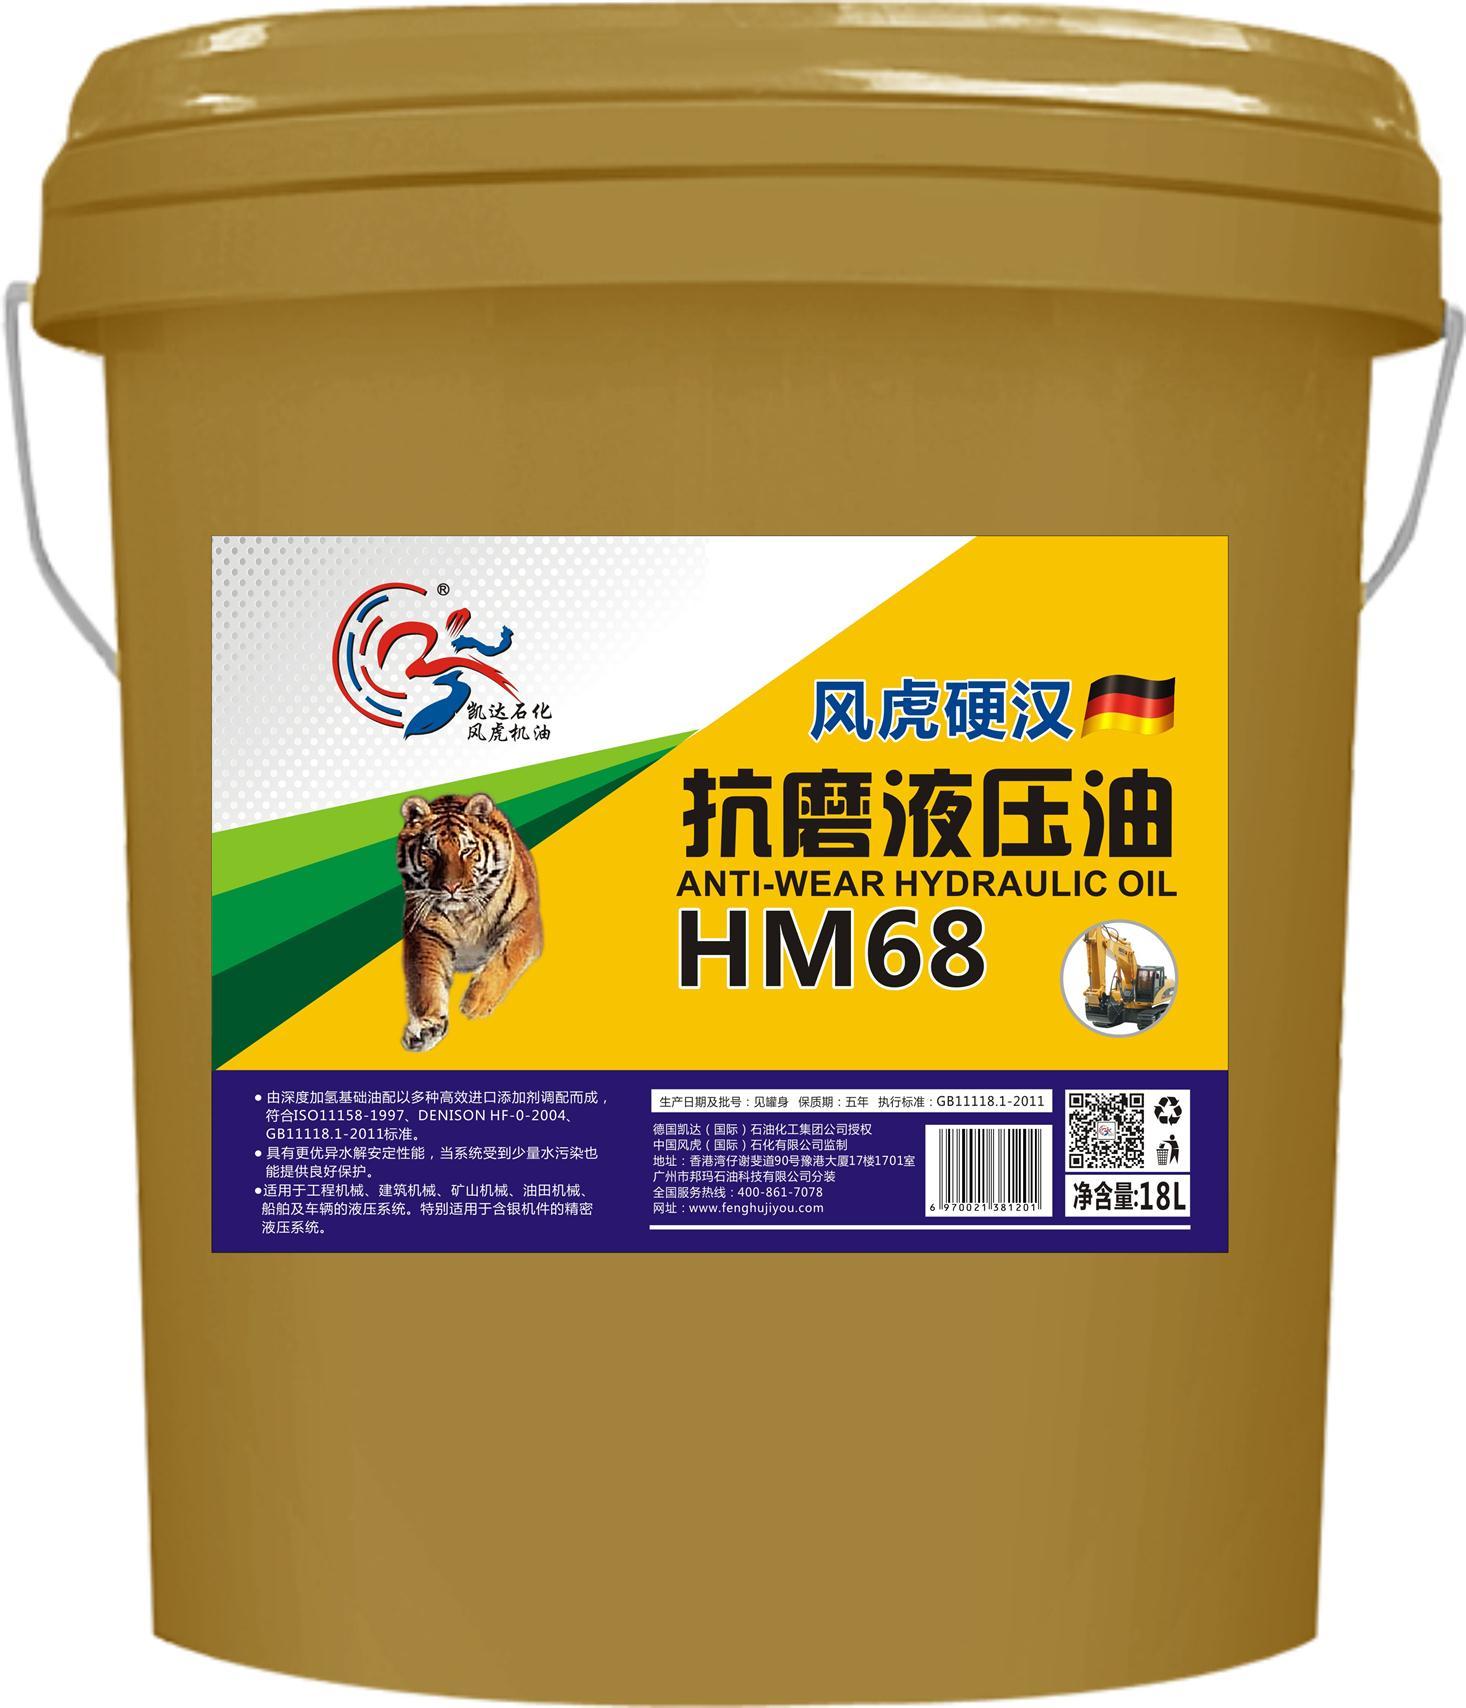 保山高性價HM68抗磨液壓油廠家-HM68抗磨液壓油